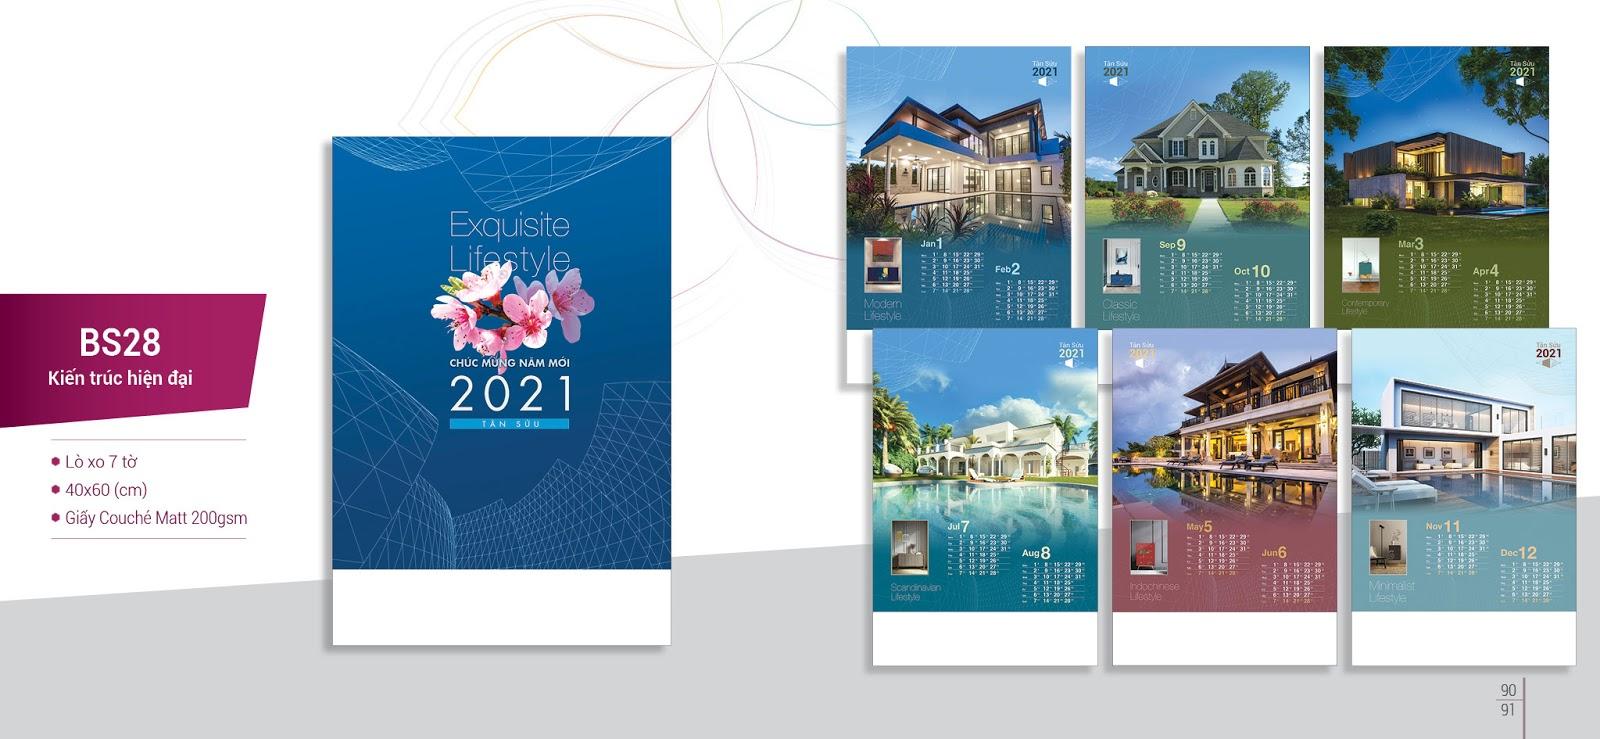 Dịch vụ in lịch treo tường giá rẻ uy tín - Chất lượng tại Hà Nội